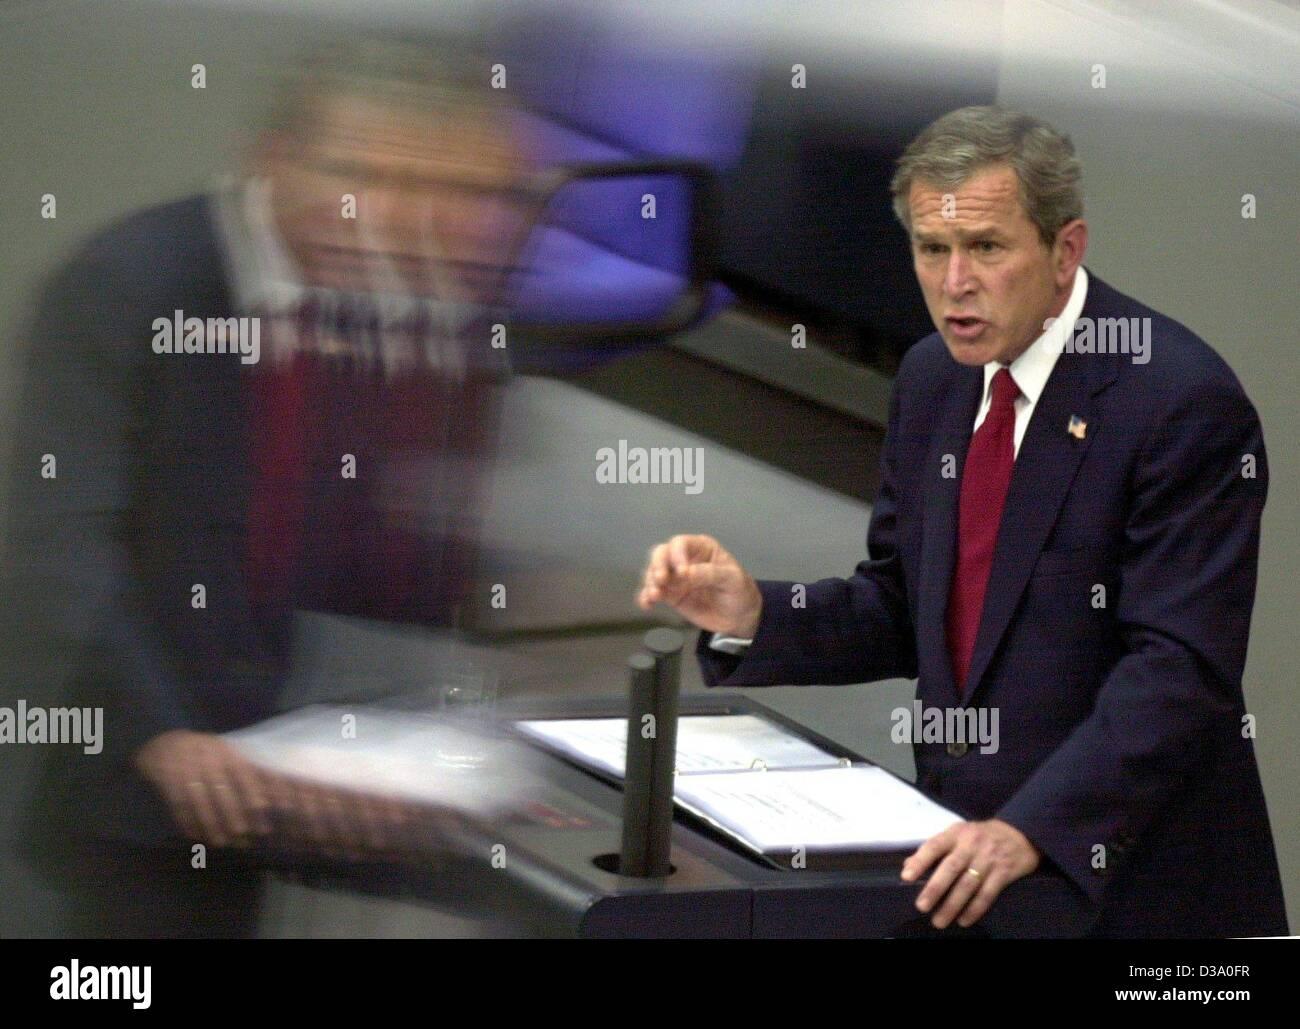 """(Dpa) - El presidente de EEUU, George W. Bush, pronuncia su discurso en el parlamento alemán, el Bundestag, en Berlín, el 23 de mayo de 2002. Llamó a una aparición conjunta europea contra los """"enemigos de la libertad"""". Bush llegó en una visita de una semana a Europa, Alemania, siendo su primera parada. Foto de stock"""